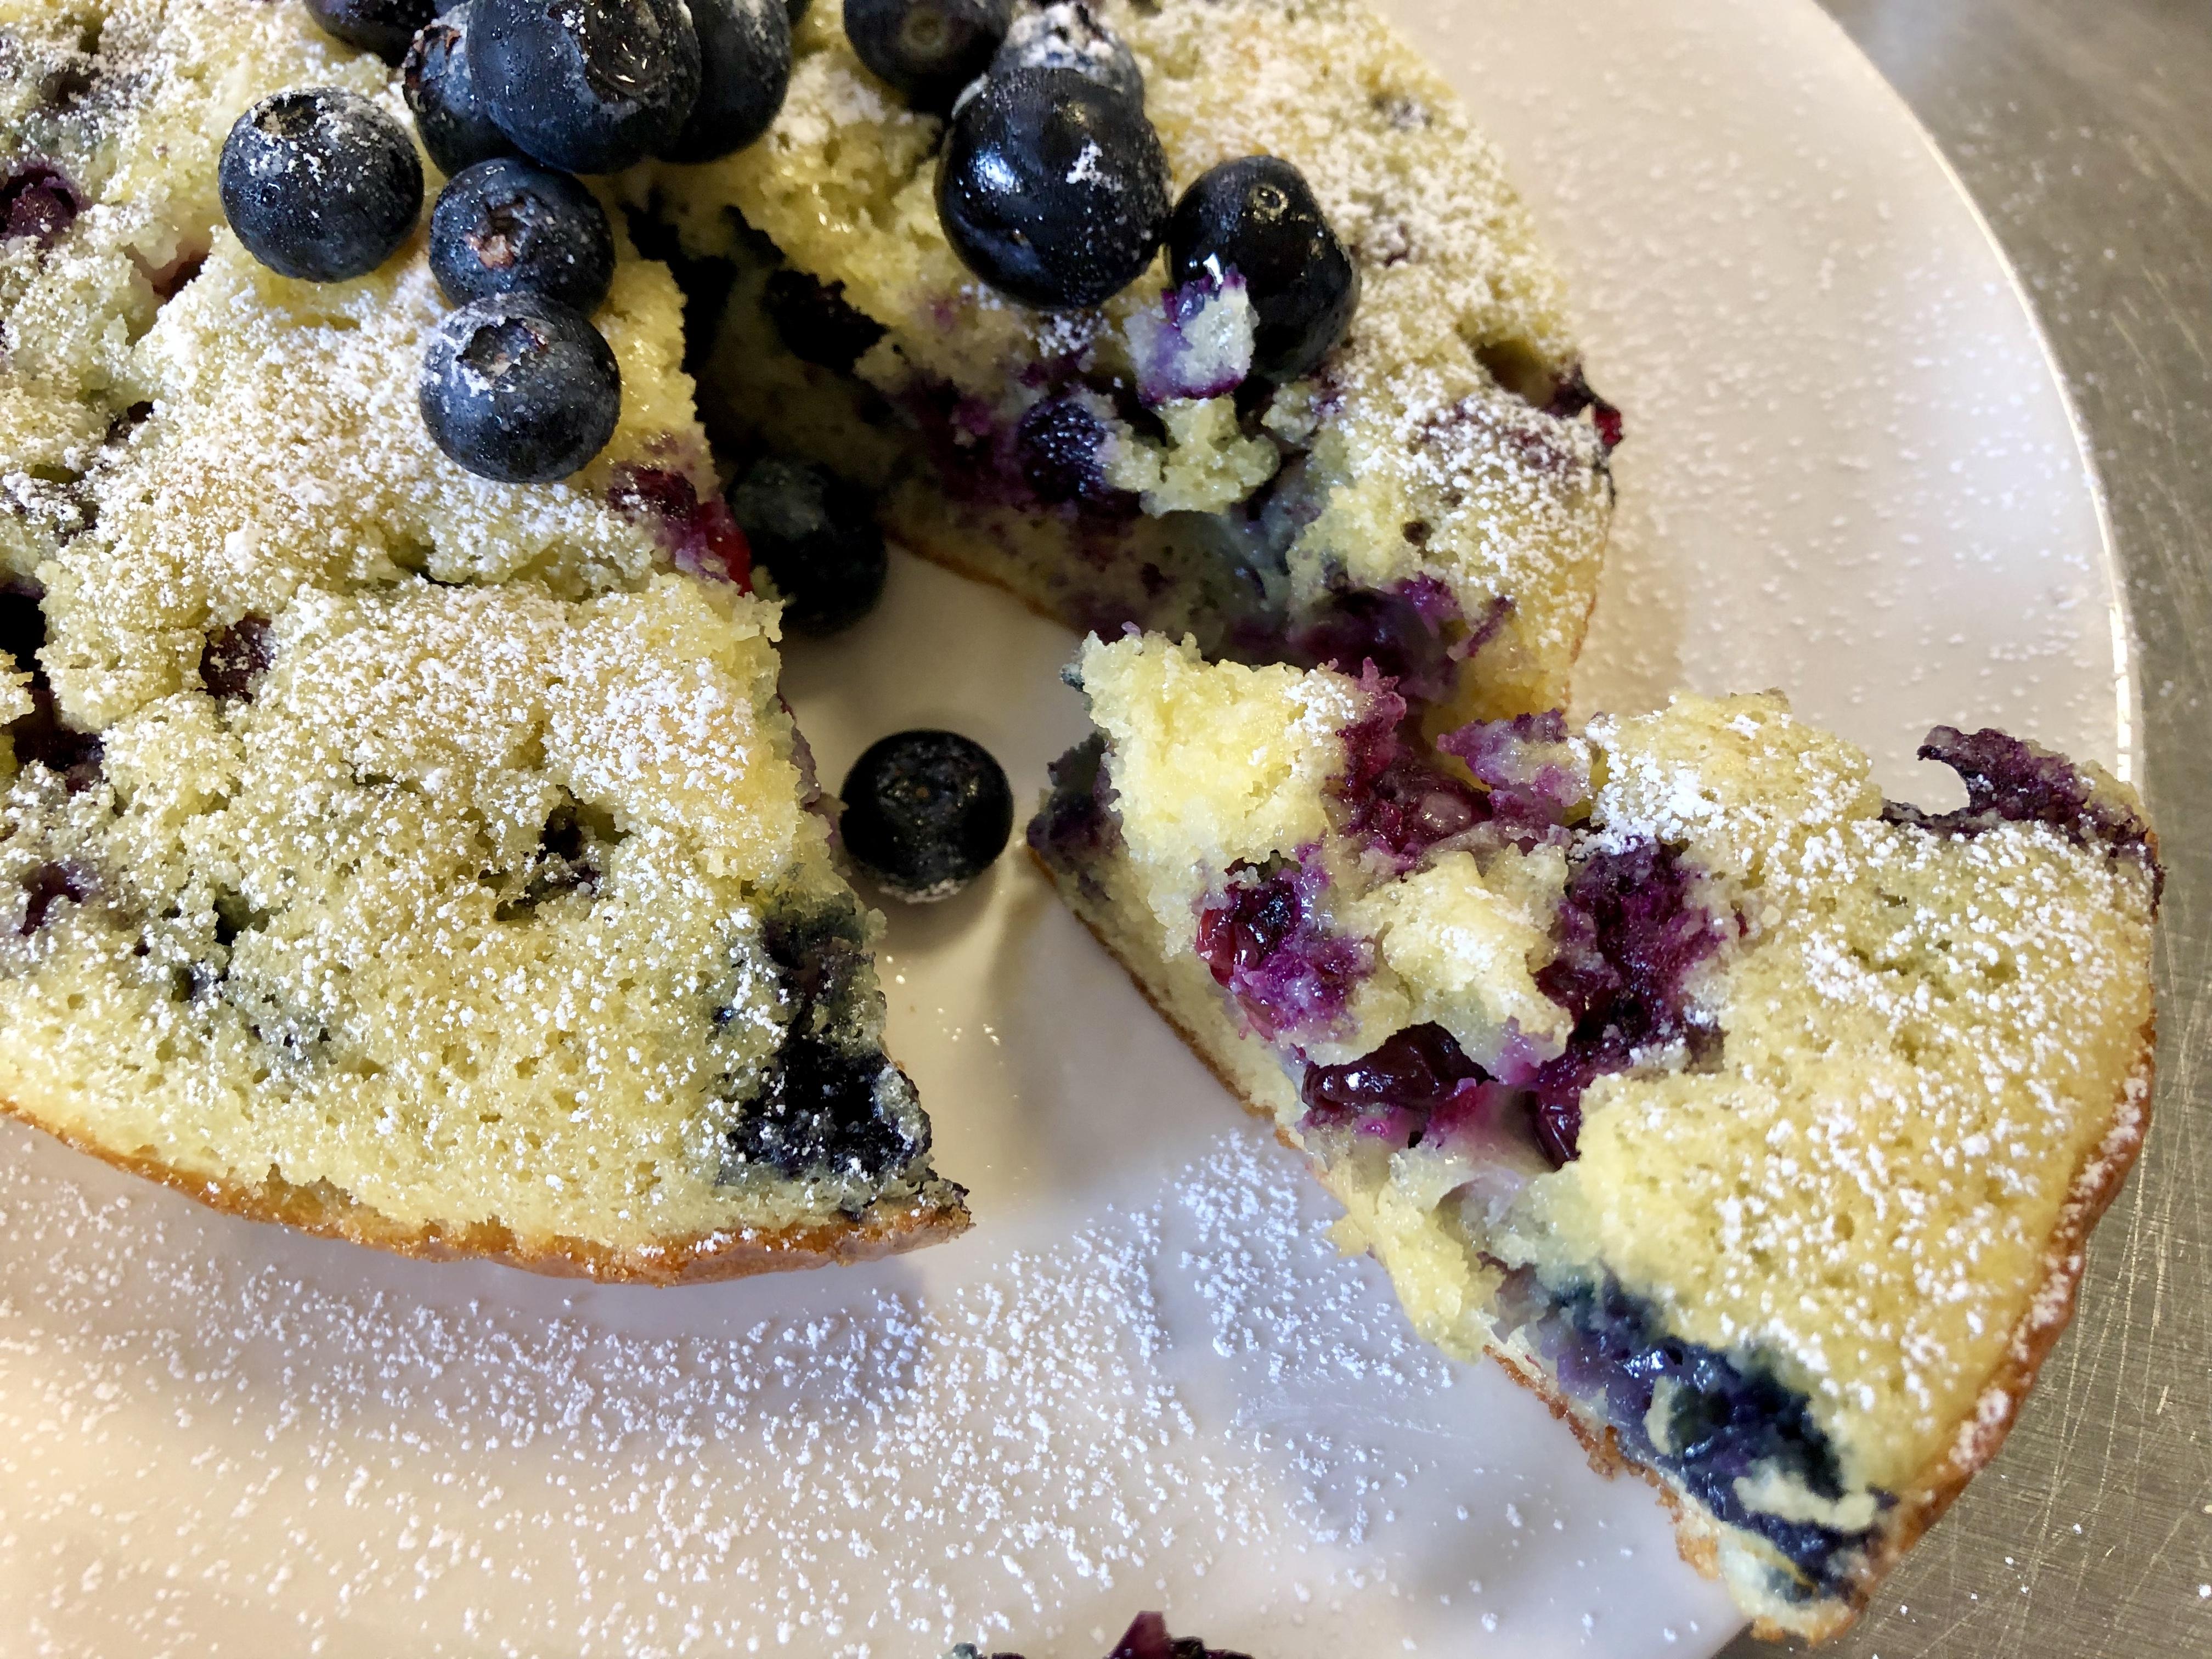 Lemon Blueberry Breakfast Cake from Alexandersmom.com